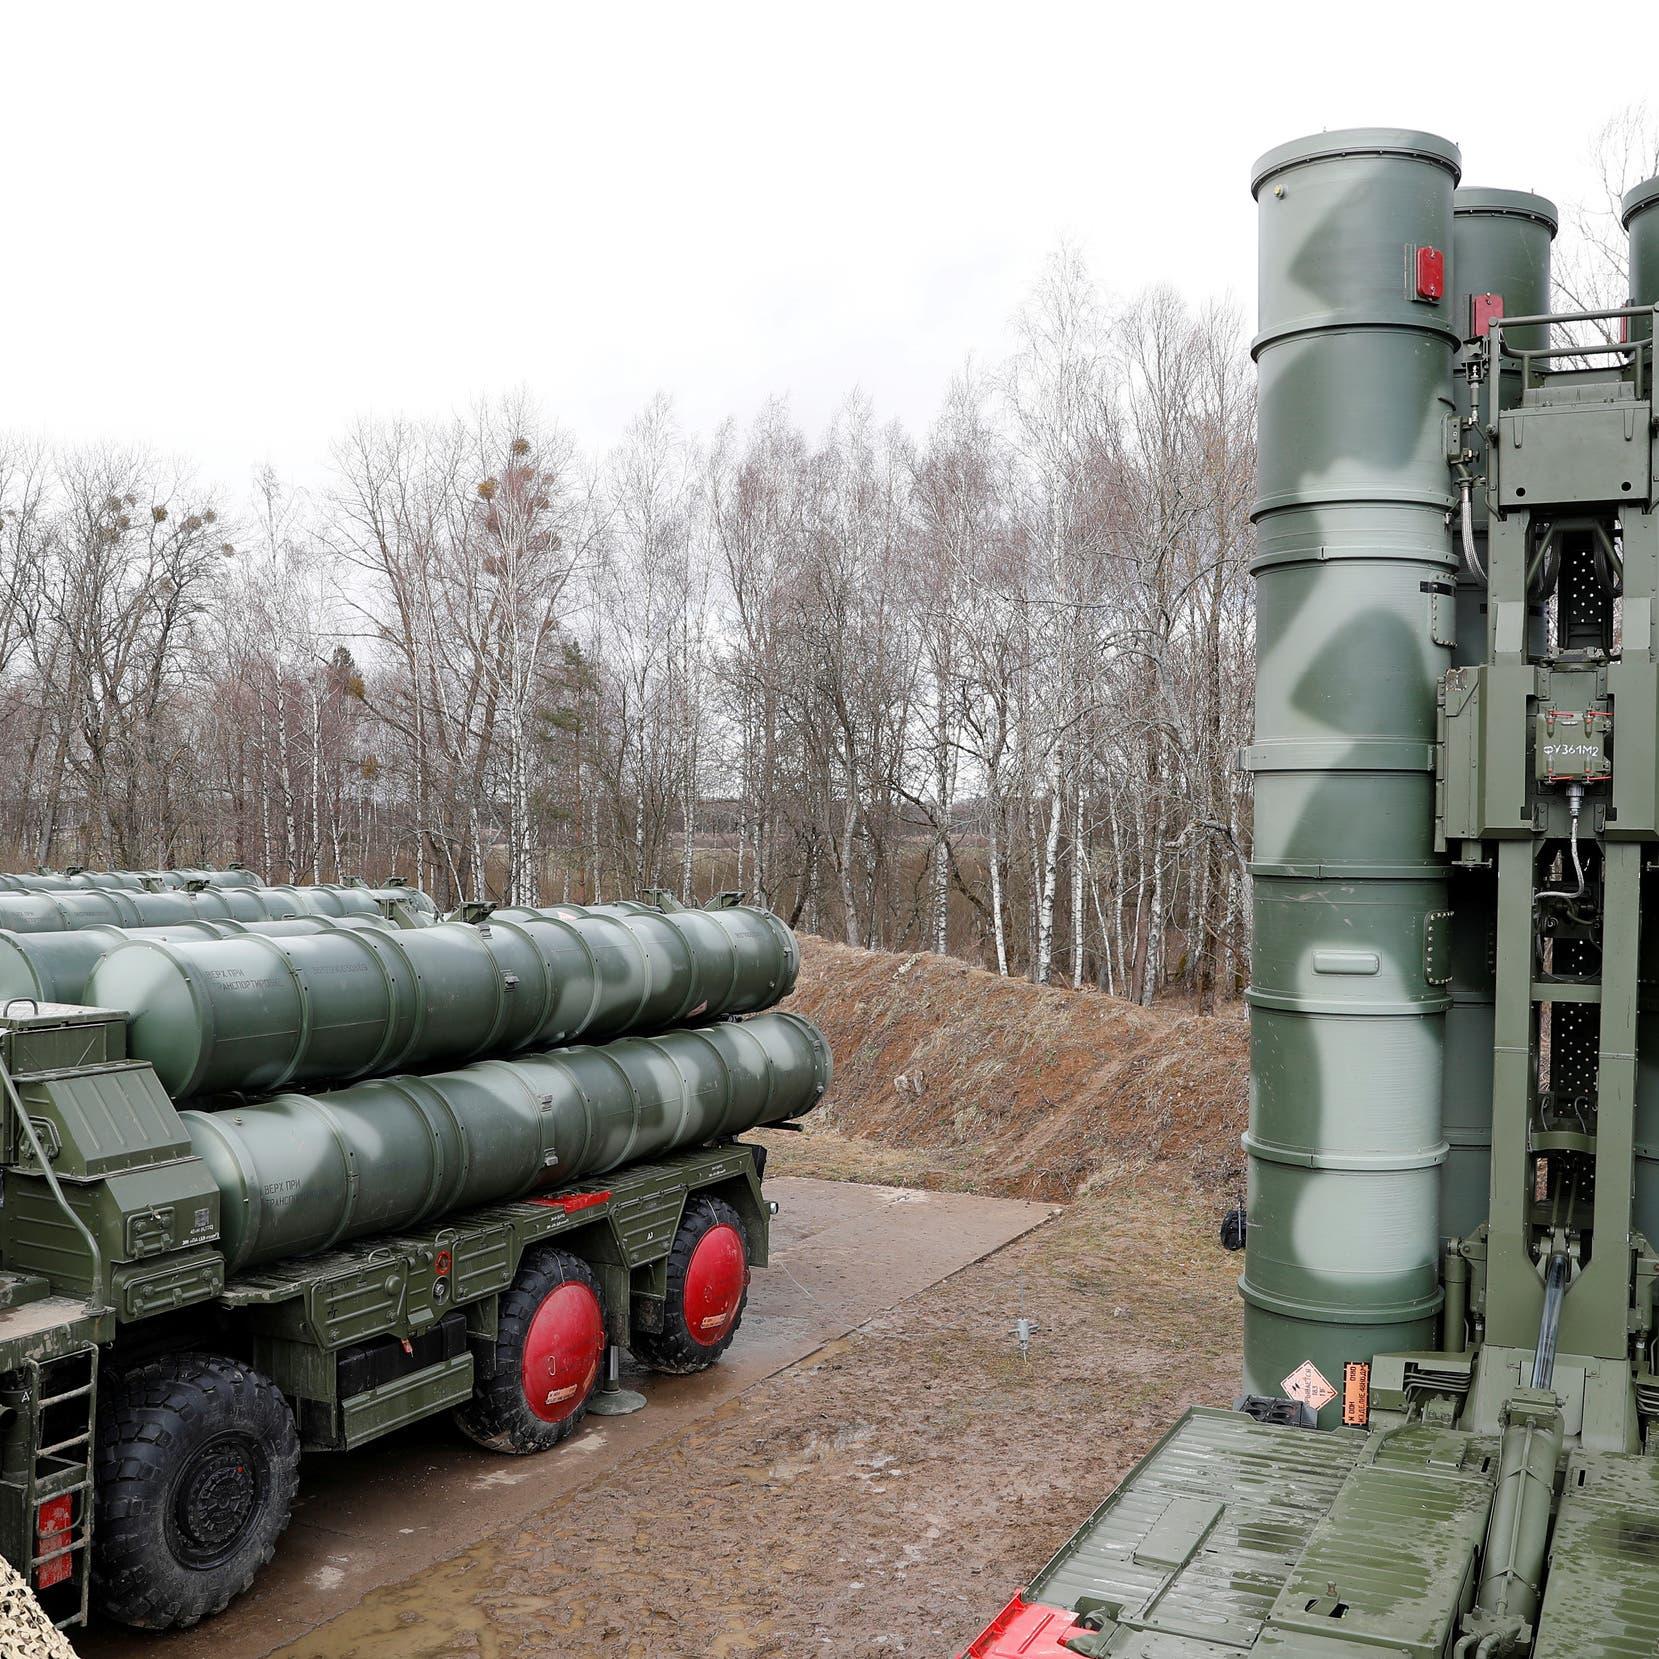 صحيفة تركية: ماذا ينتظر أنقرة فور استلام الصواريخ الروسية؟